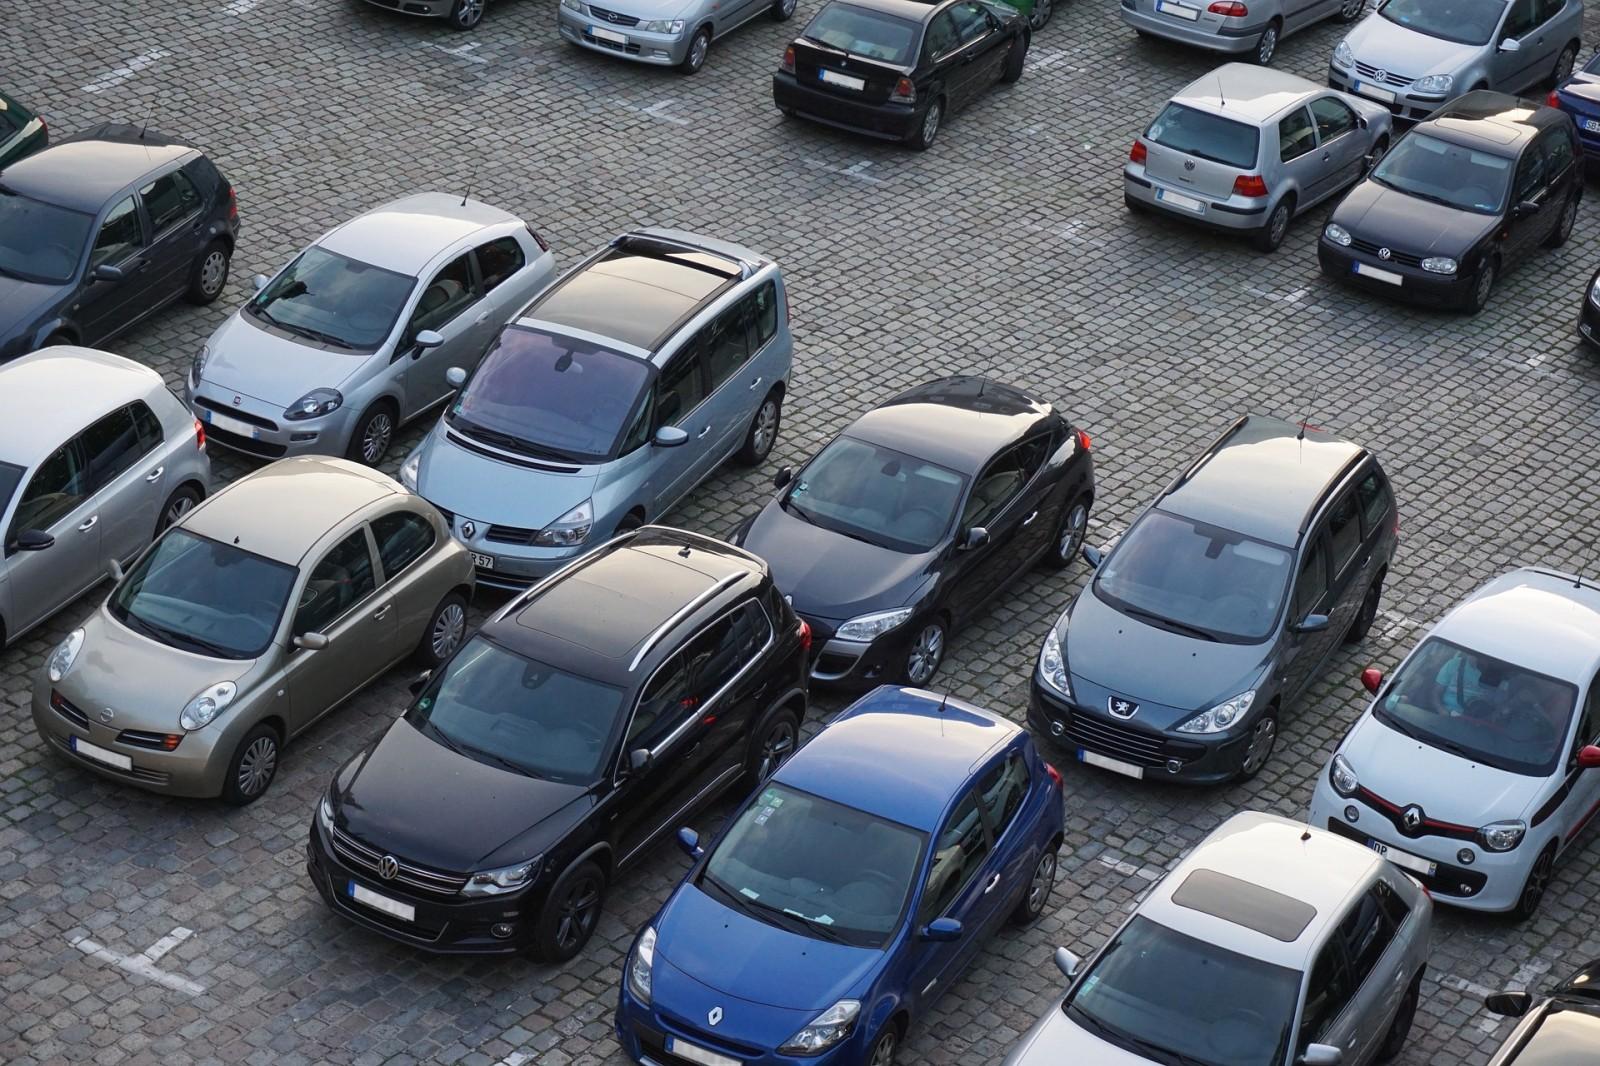 Gyakorló vezetés parkolással budapesten